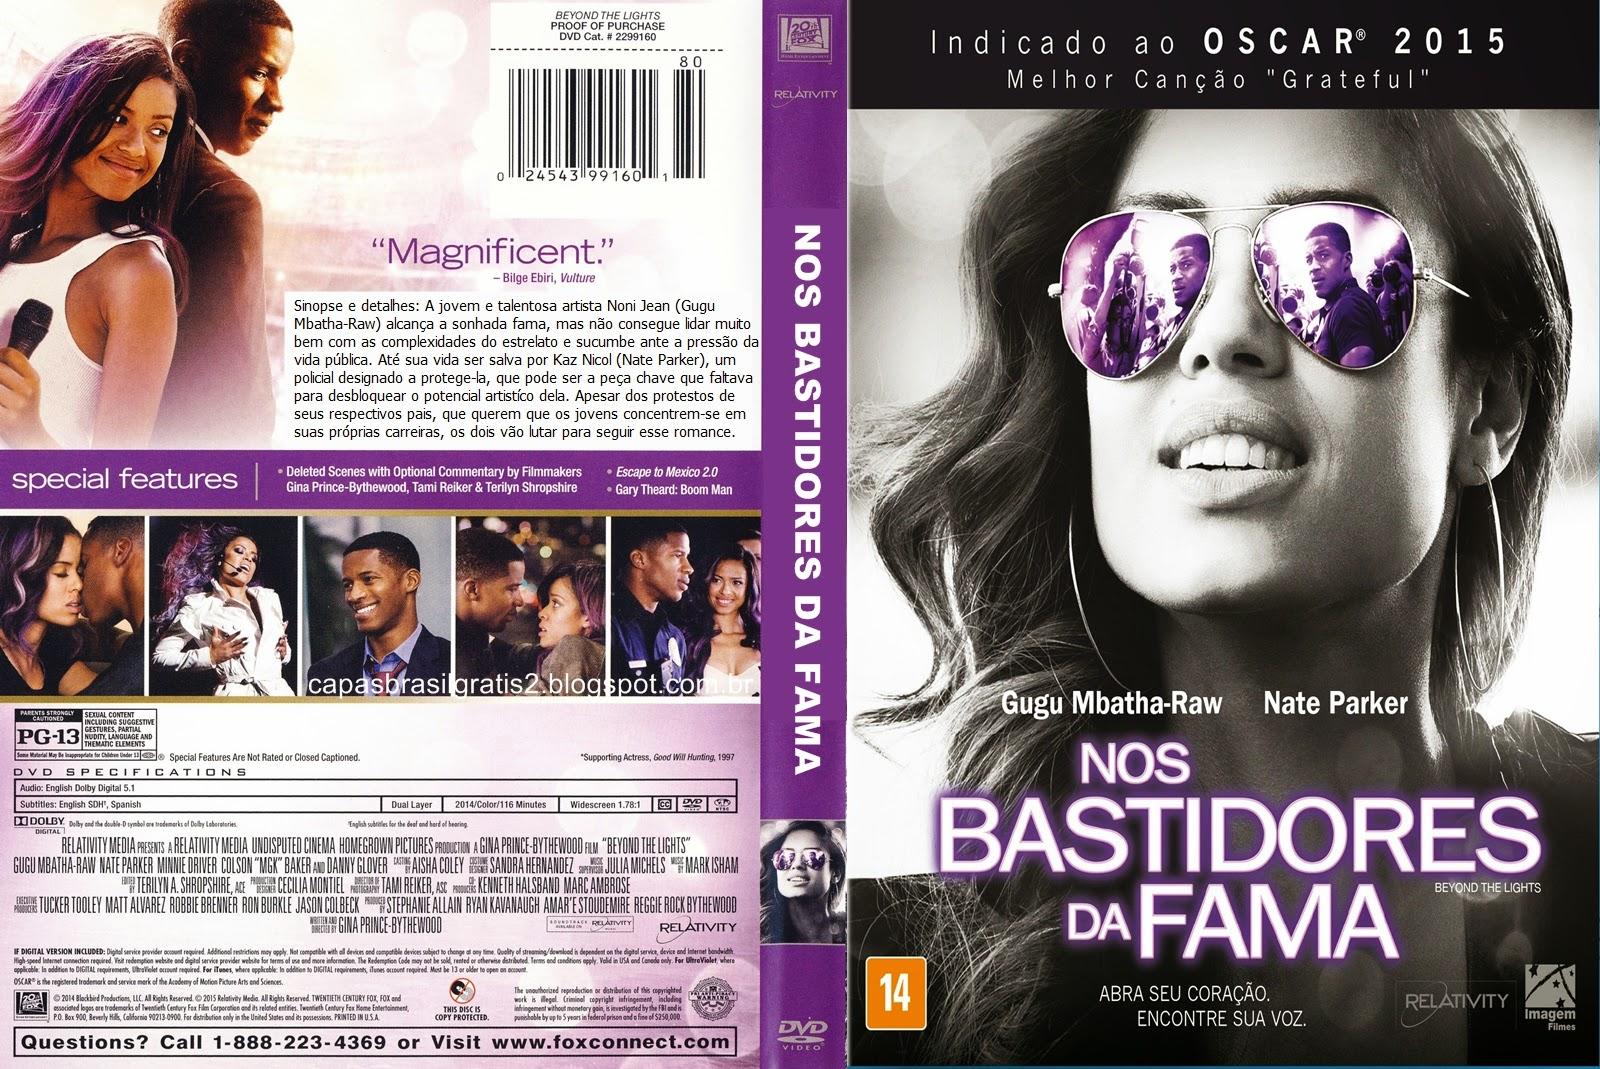 Download Nos Bastidores da Fama BDRip XviD Dual Áudio NOS 2BBASTIDORES 2BDA 2BFAMA 2B01